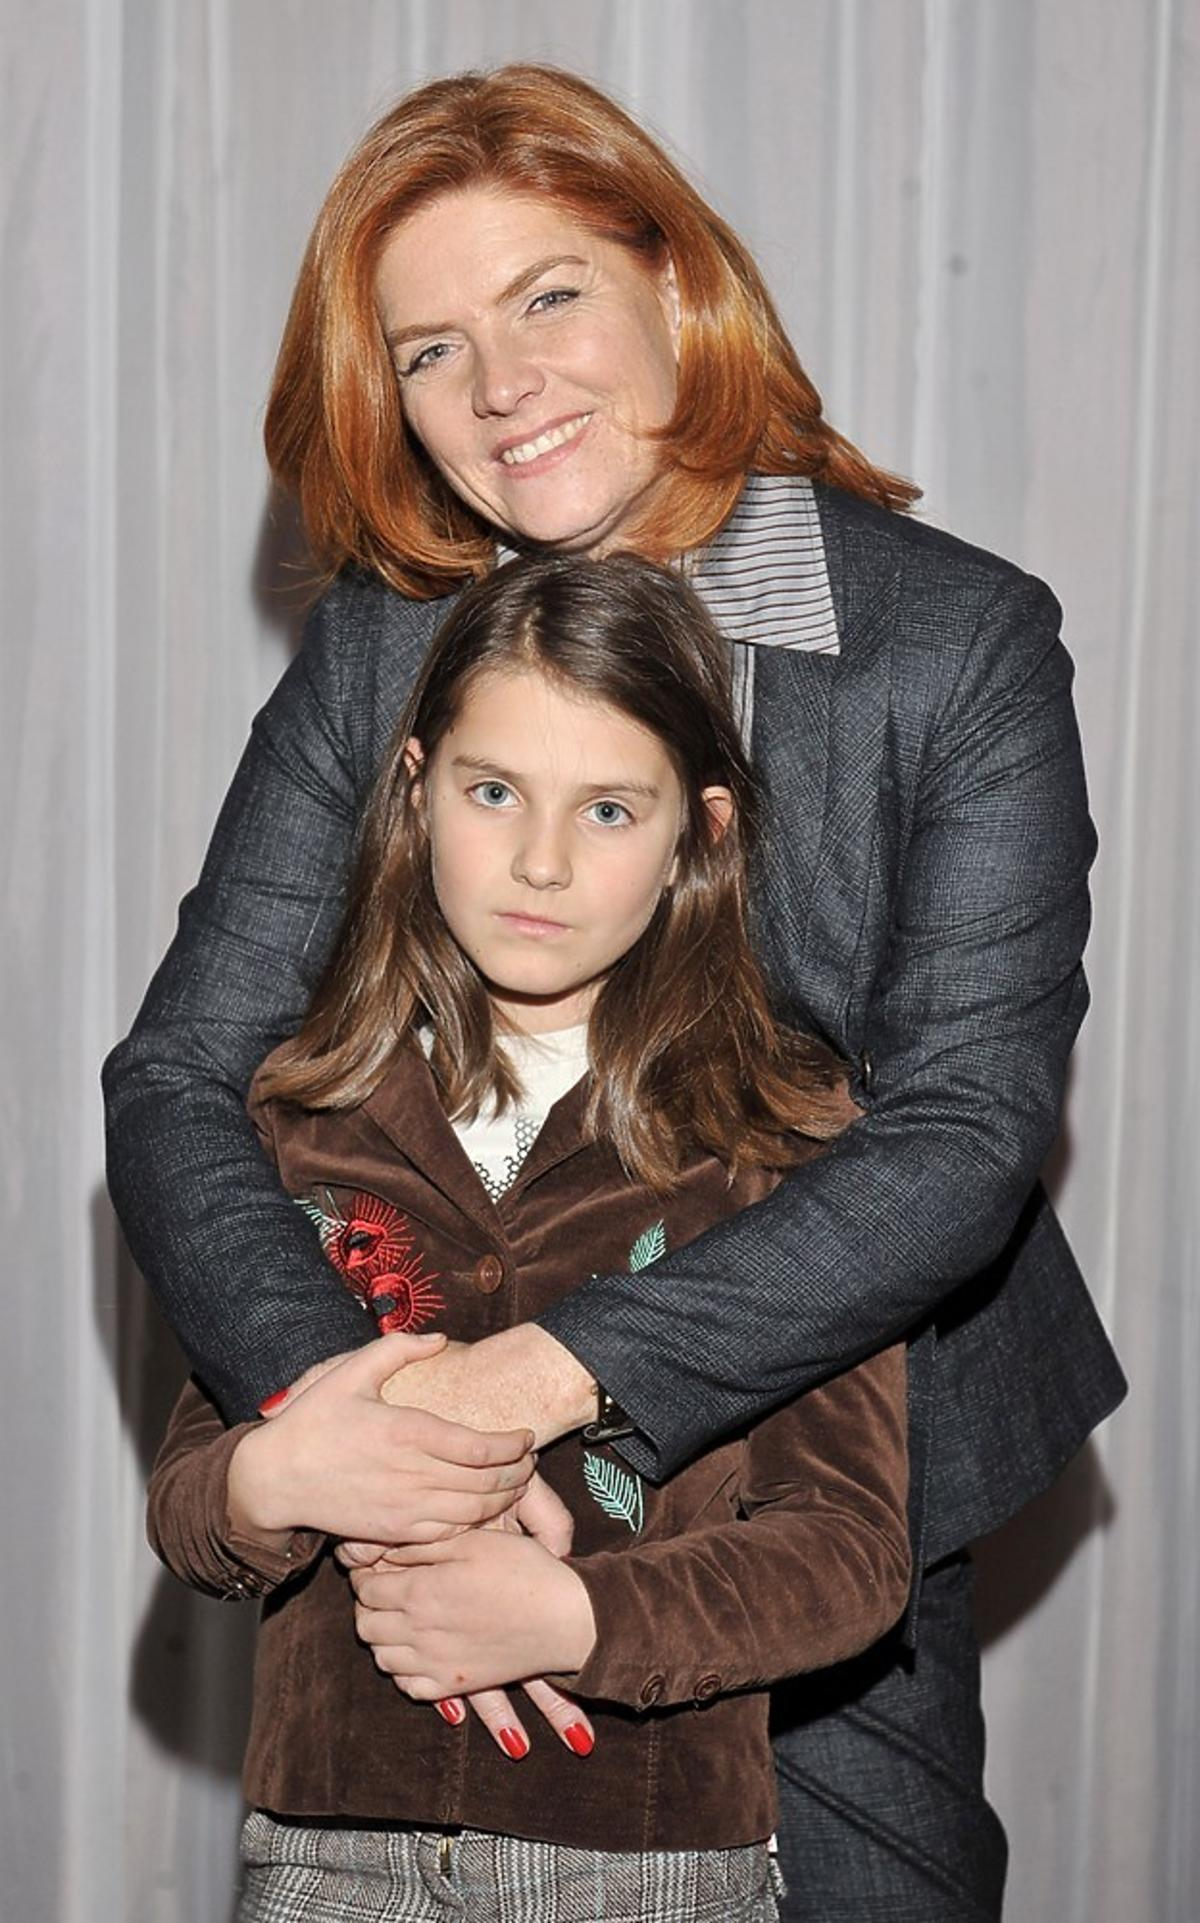 katarzyna dowbor z córką Marysią, kiedy była dzieckiem